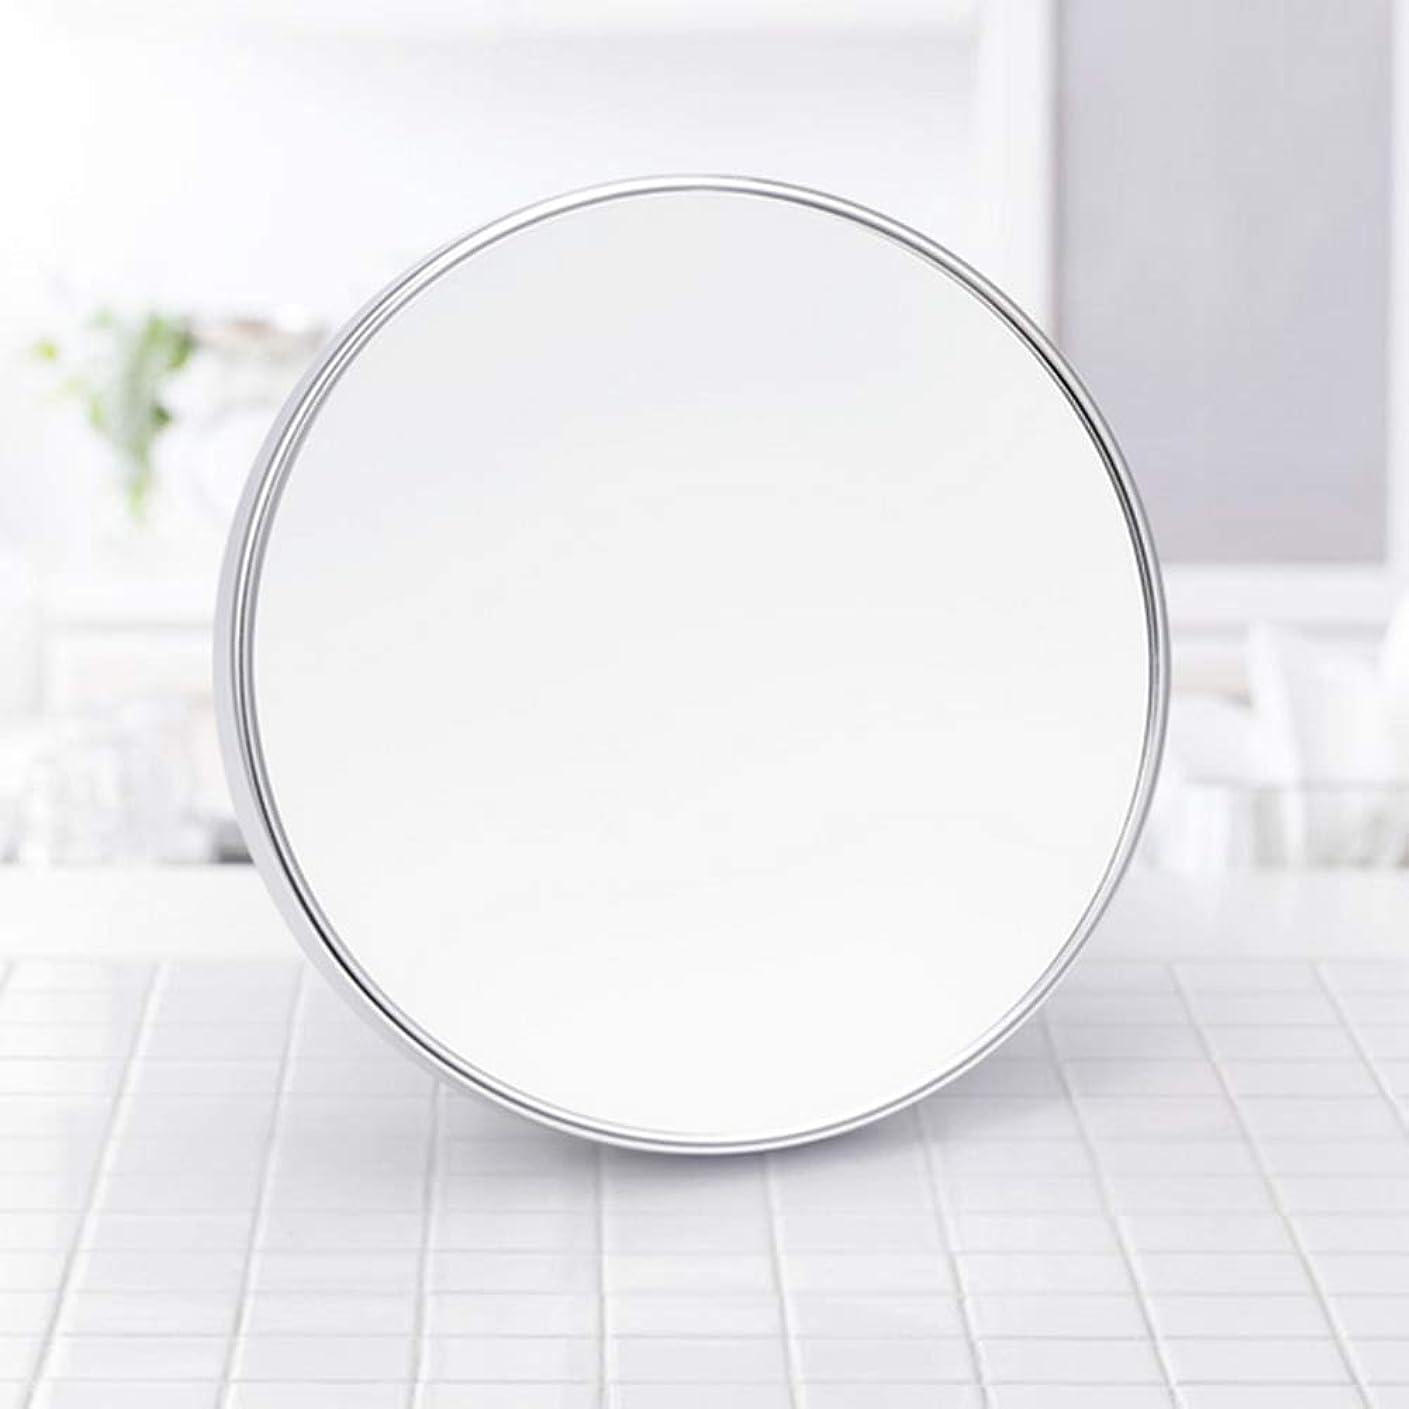 助手批判的キモいLULAA 化粧鏡 メイクミラー 浴室鏡 壁掛け式 3倍拡大鏡 粘着式 円形